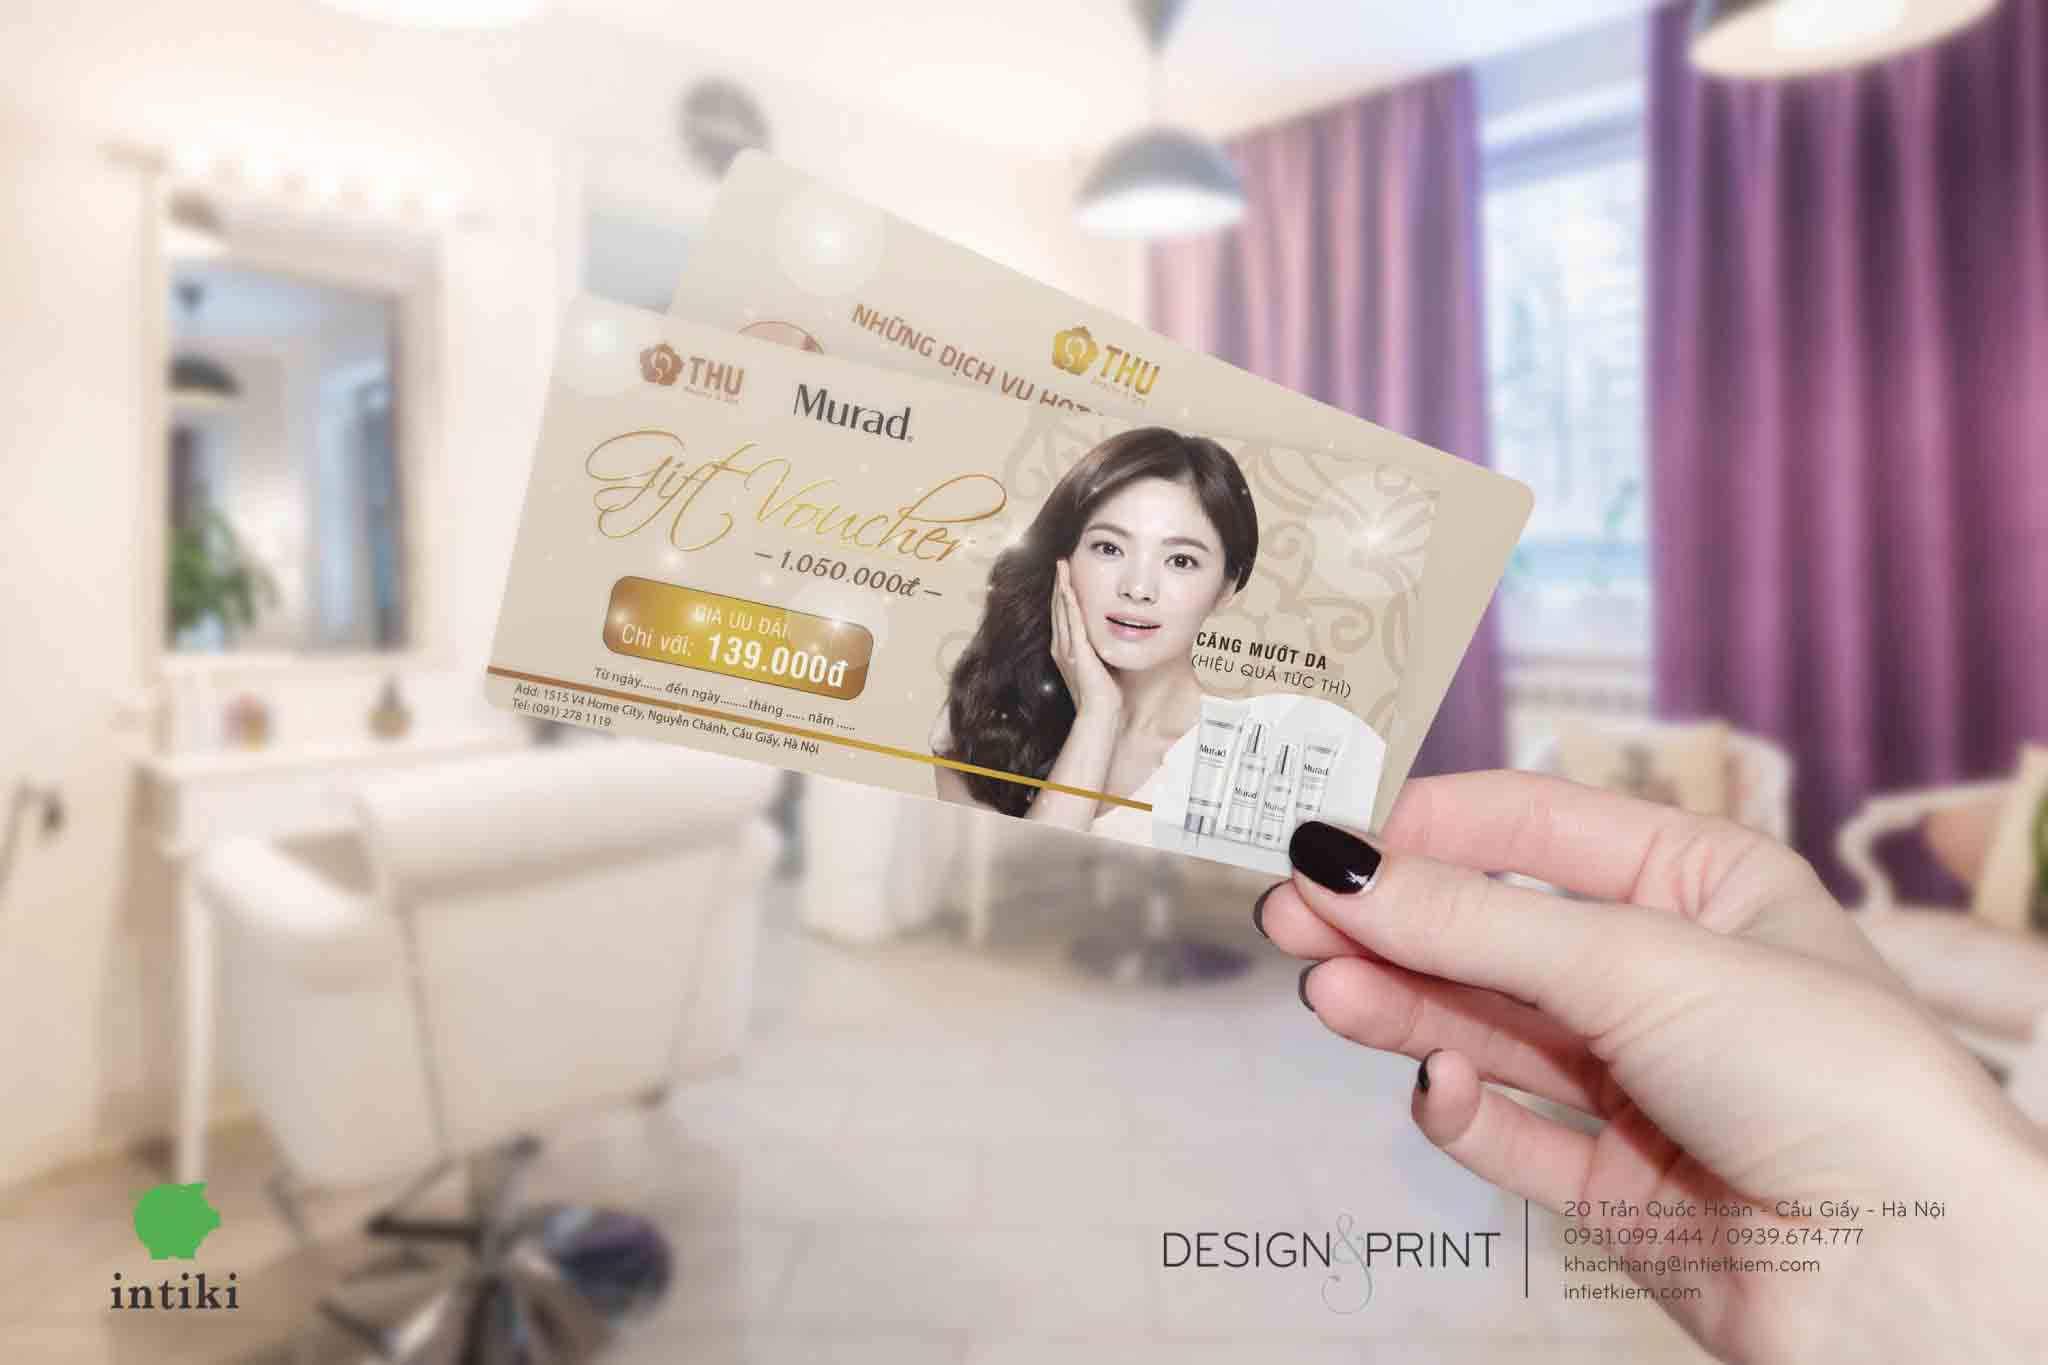 Quy trình in voucher tại In Tiết Kiệm